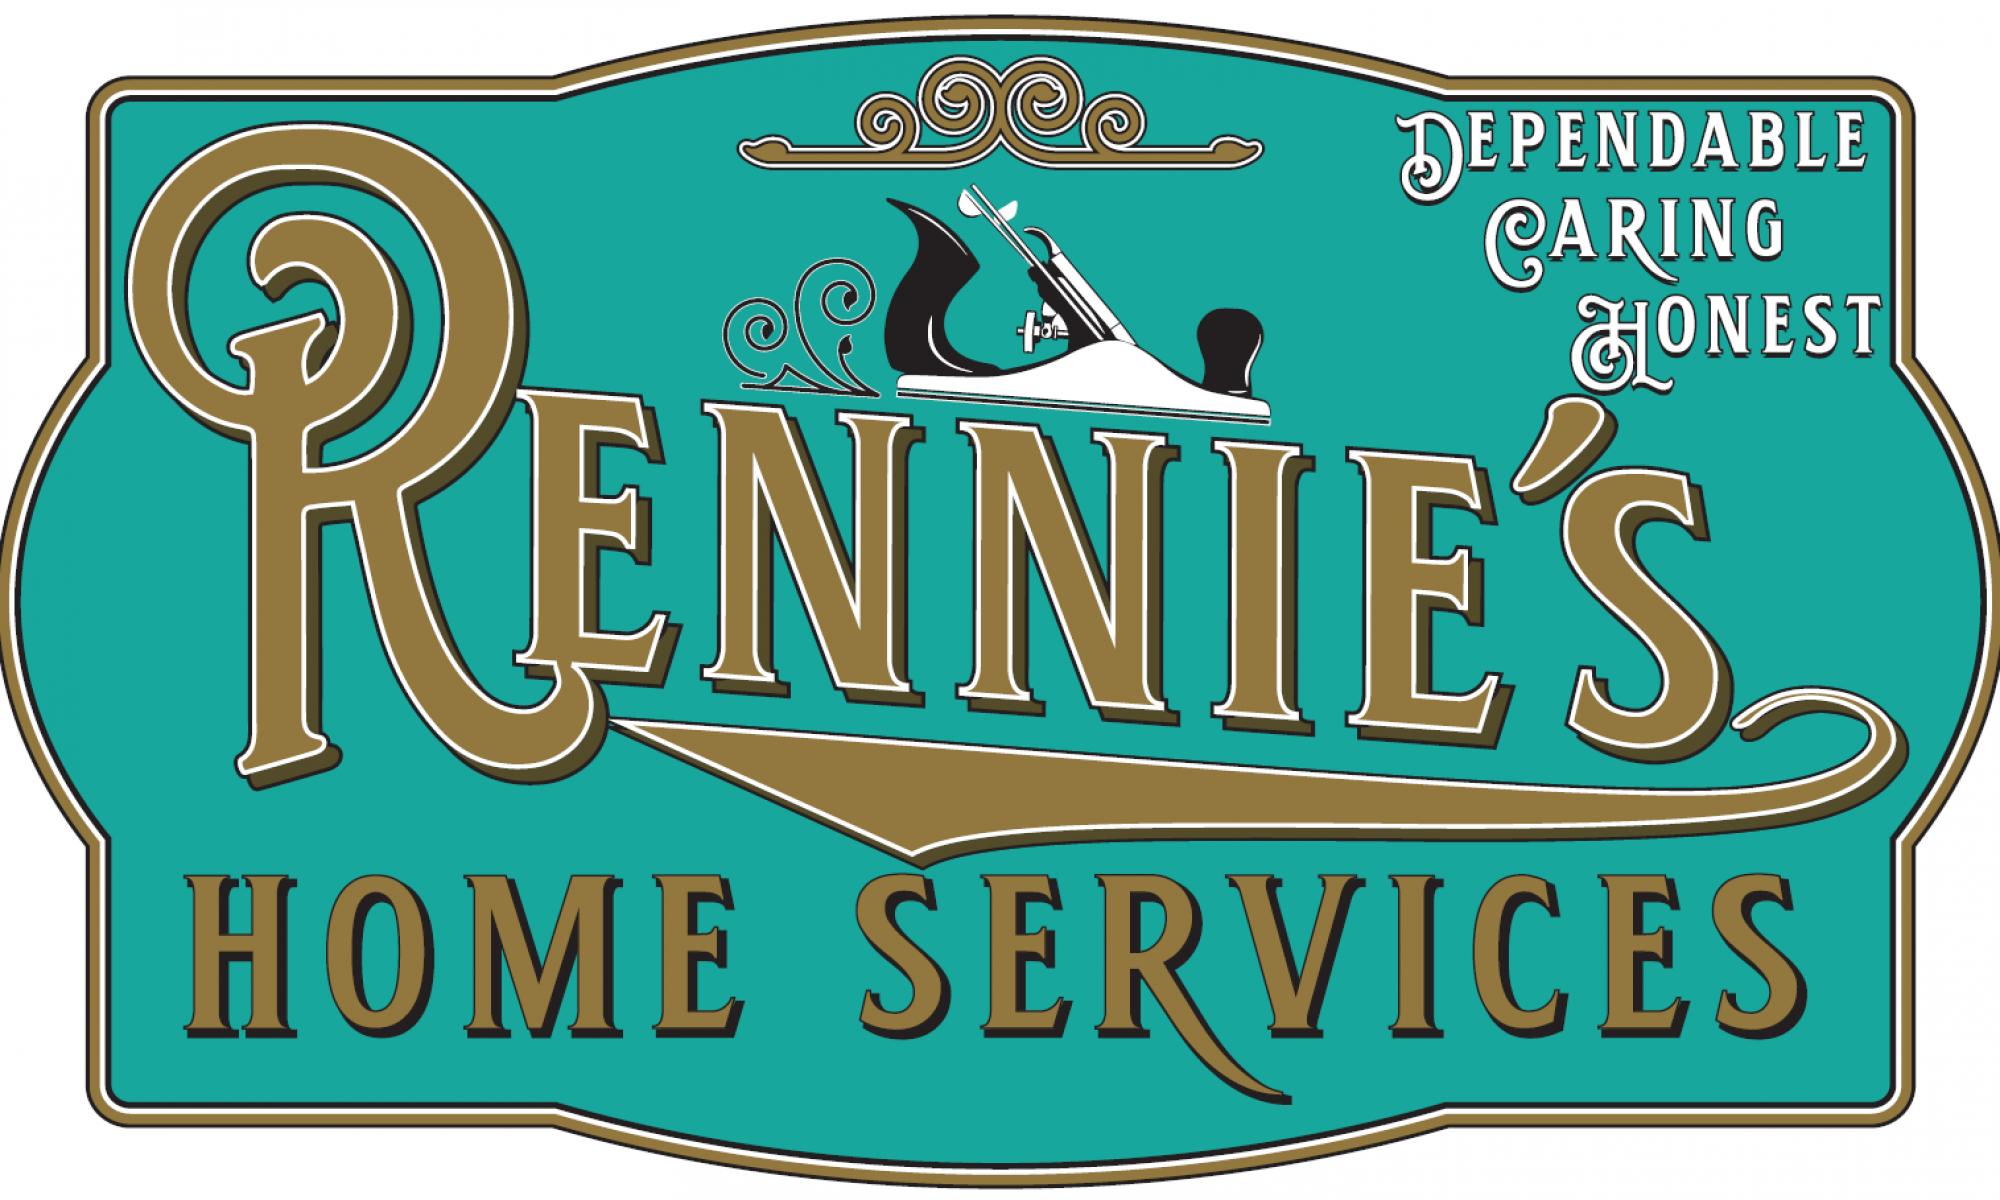 Rennie's Home Services